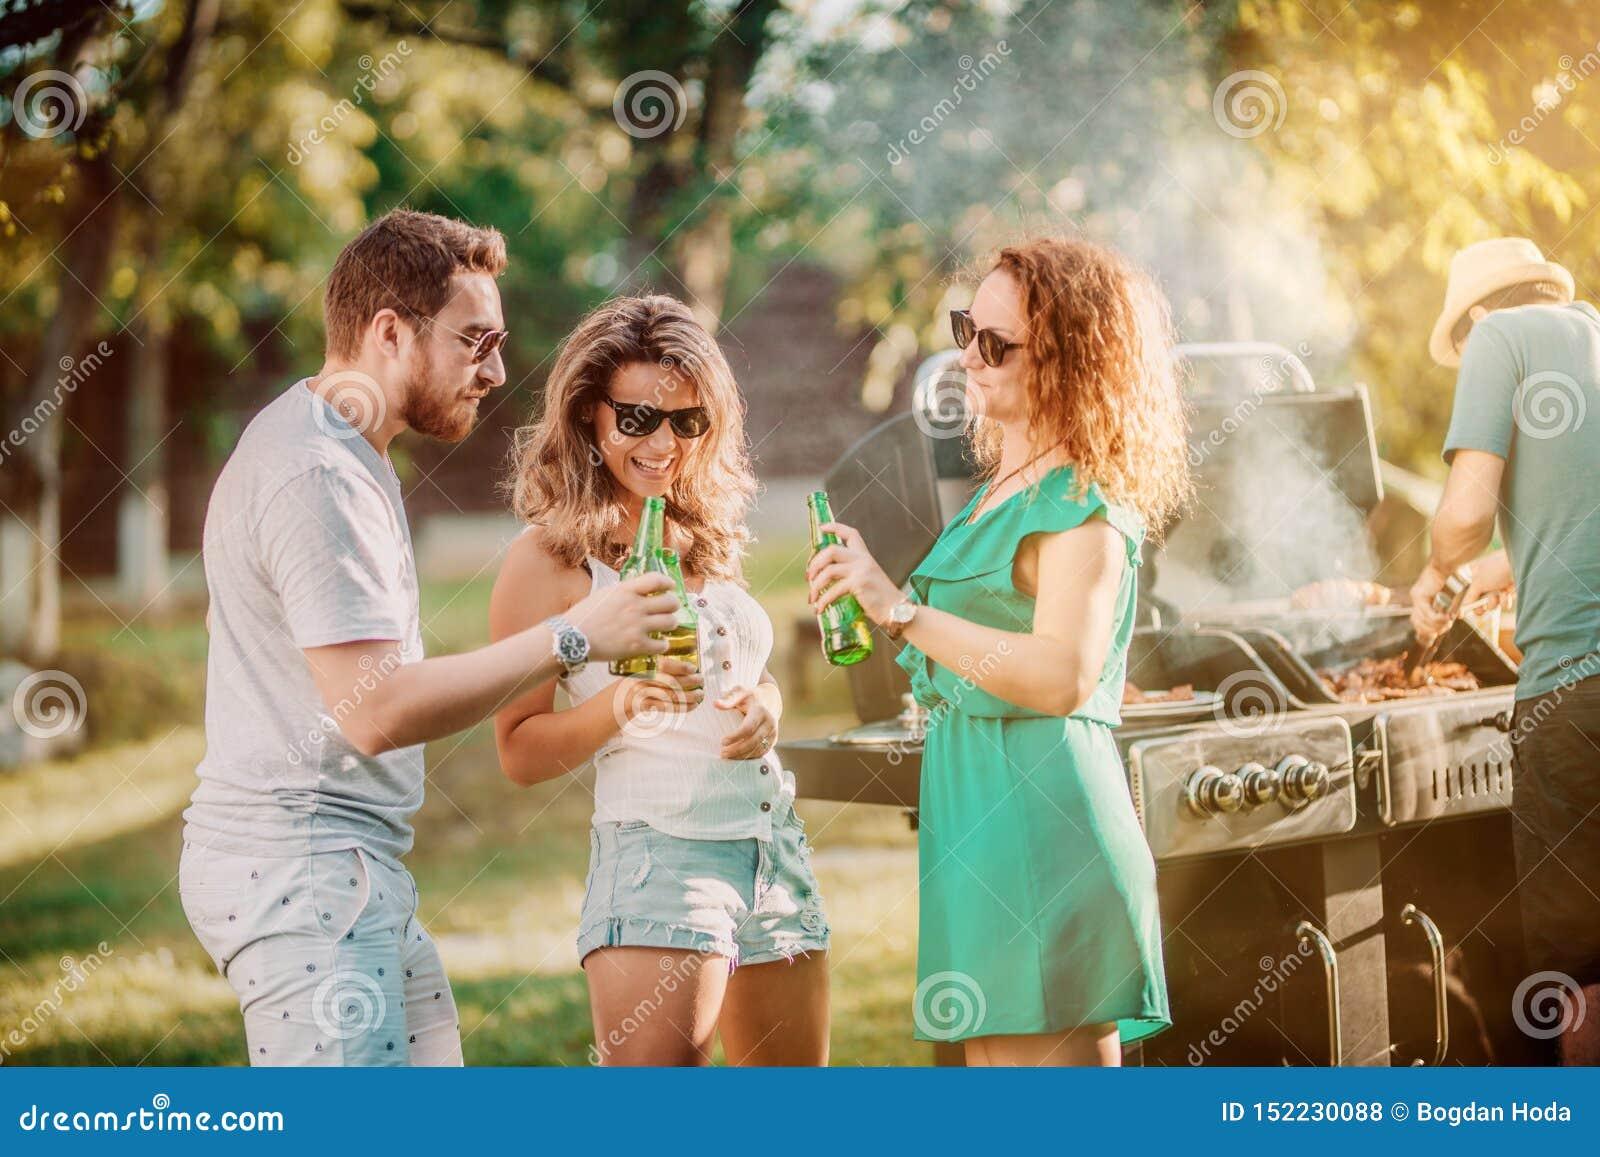 小组朋友获得乐趣在烤肉聚会,喝和微笑和烹调